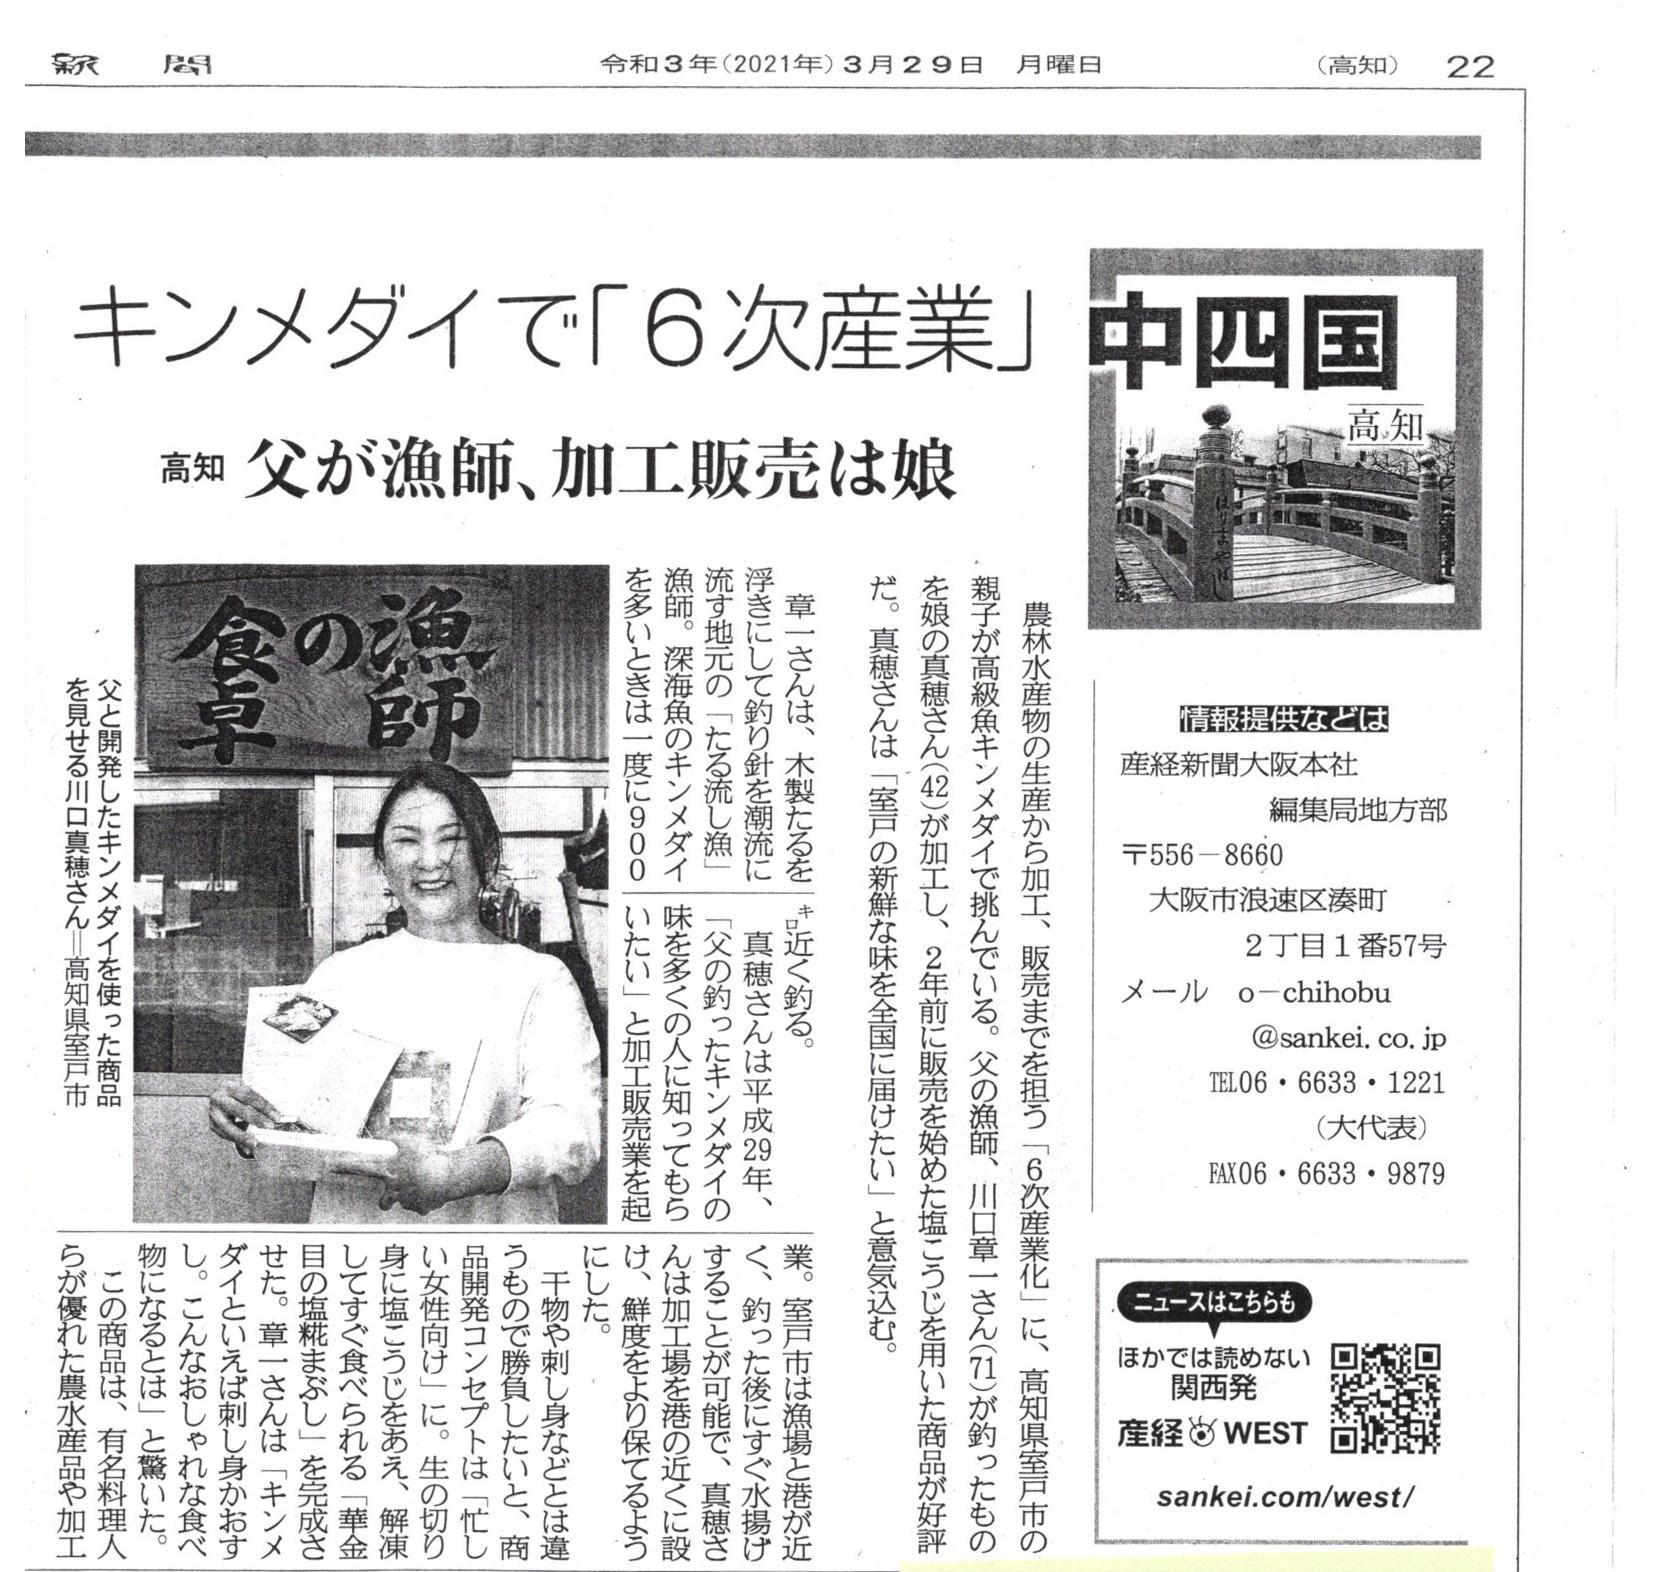 【メディア】産経新聞 2021.3.29